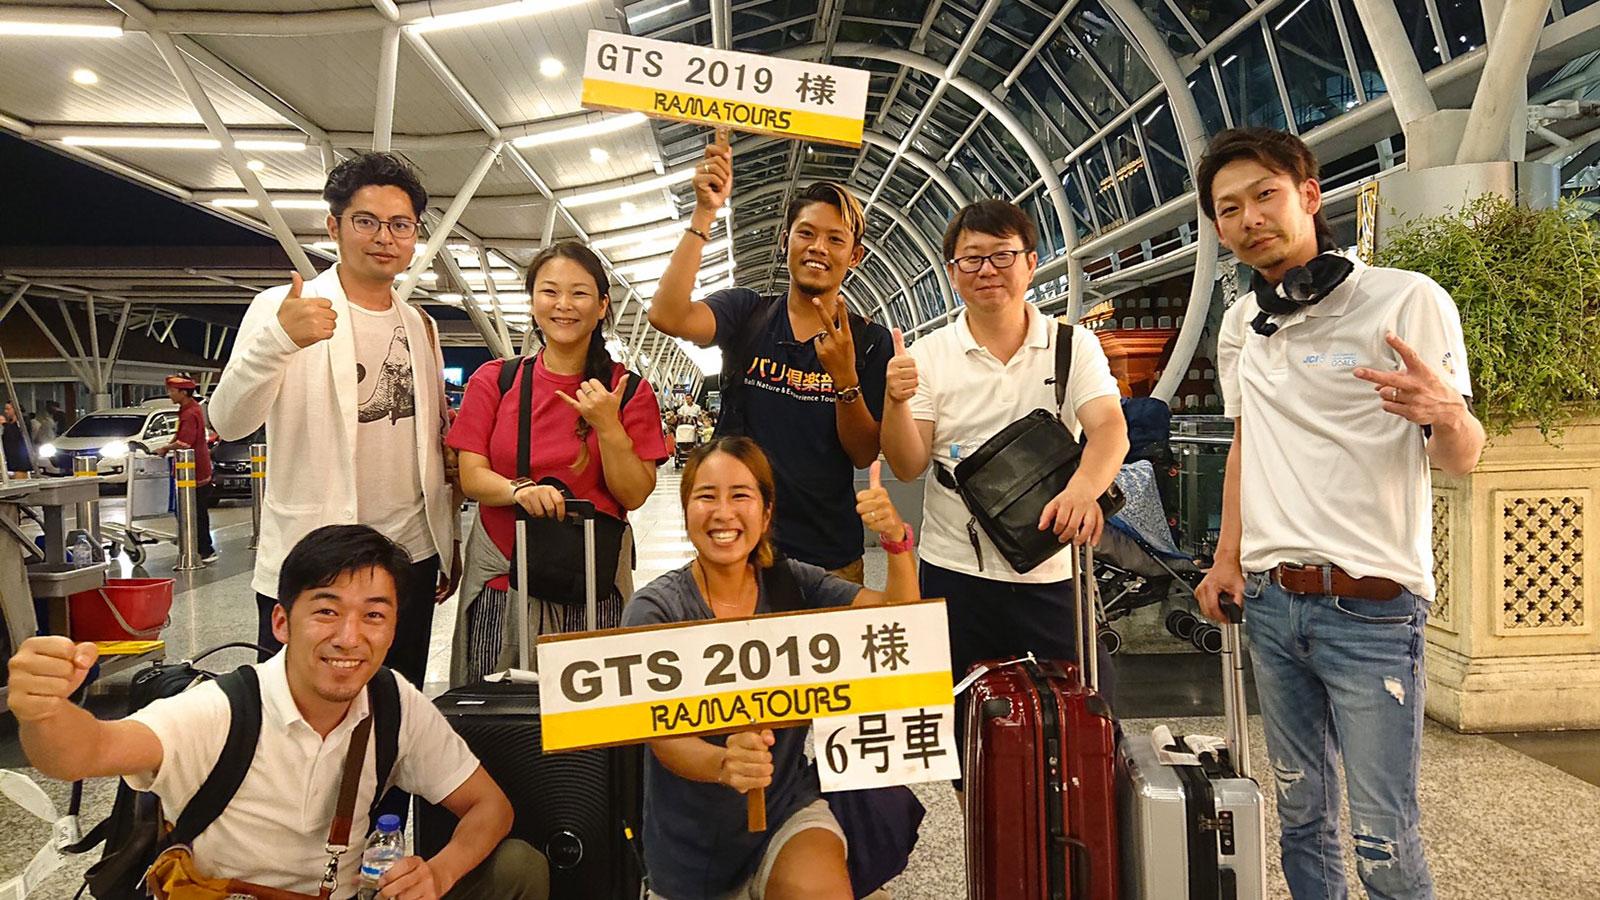 travelling-group-jci